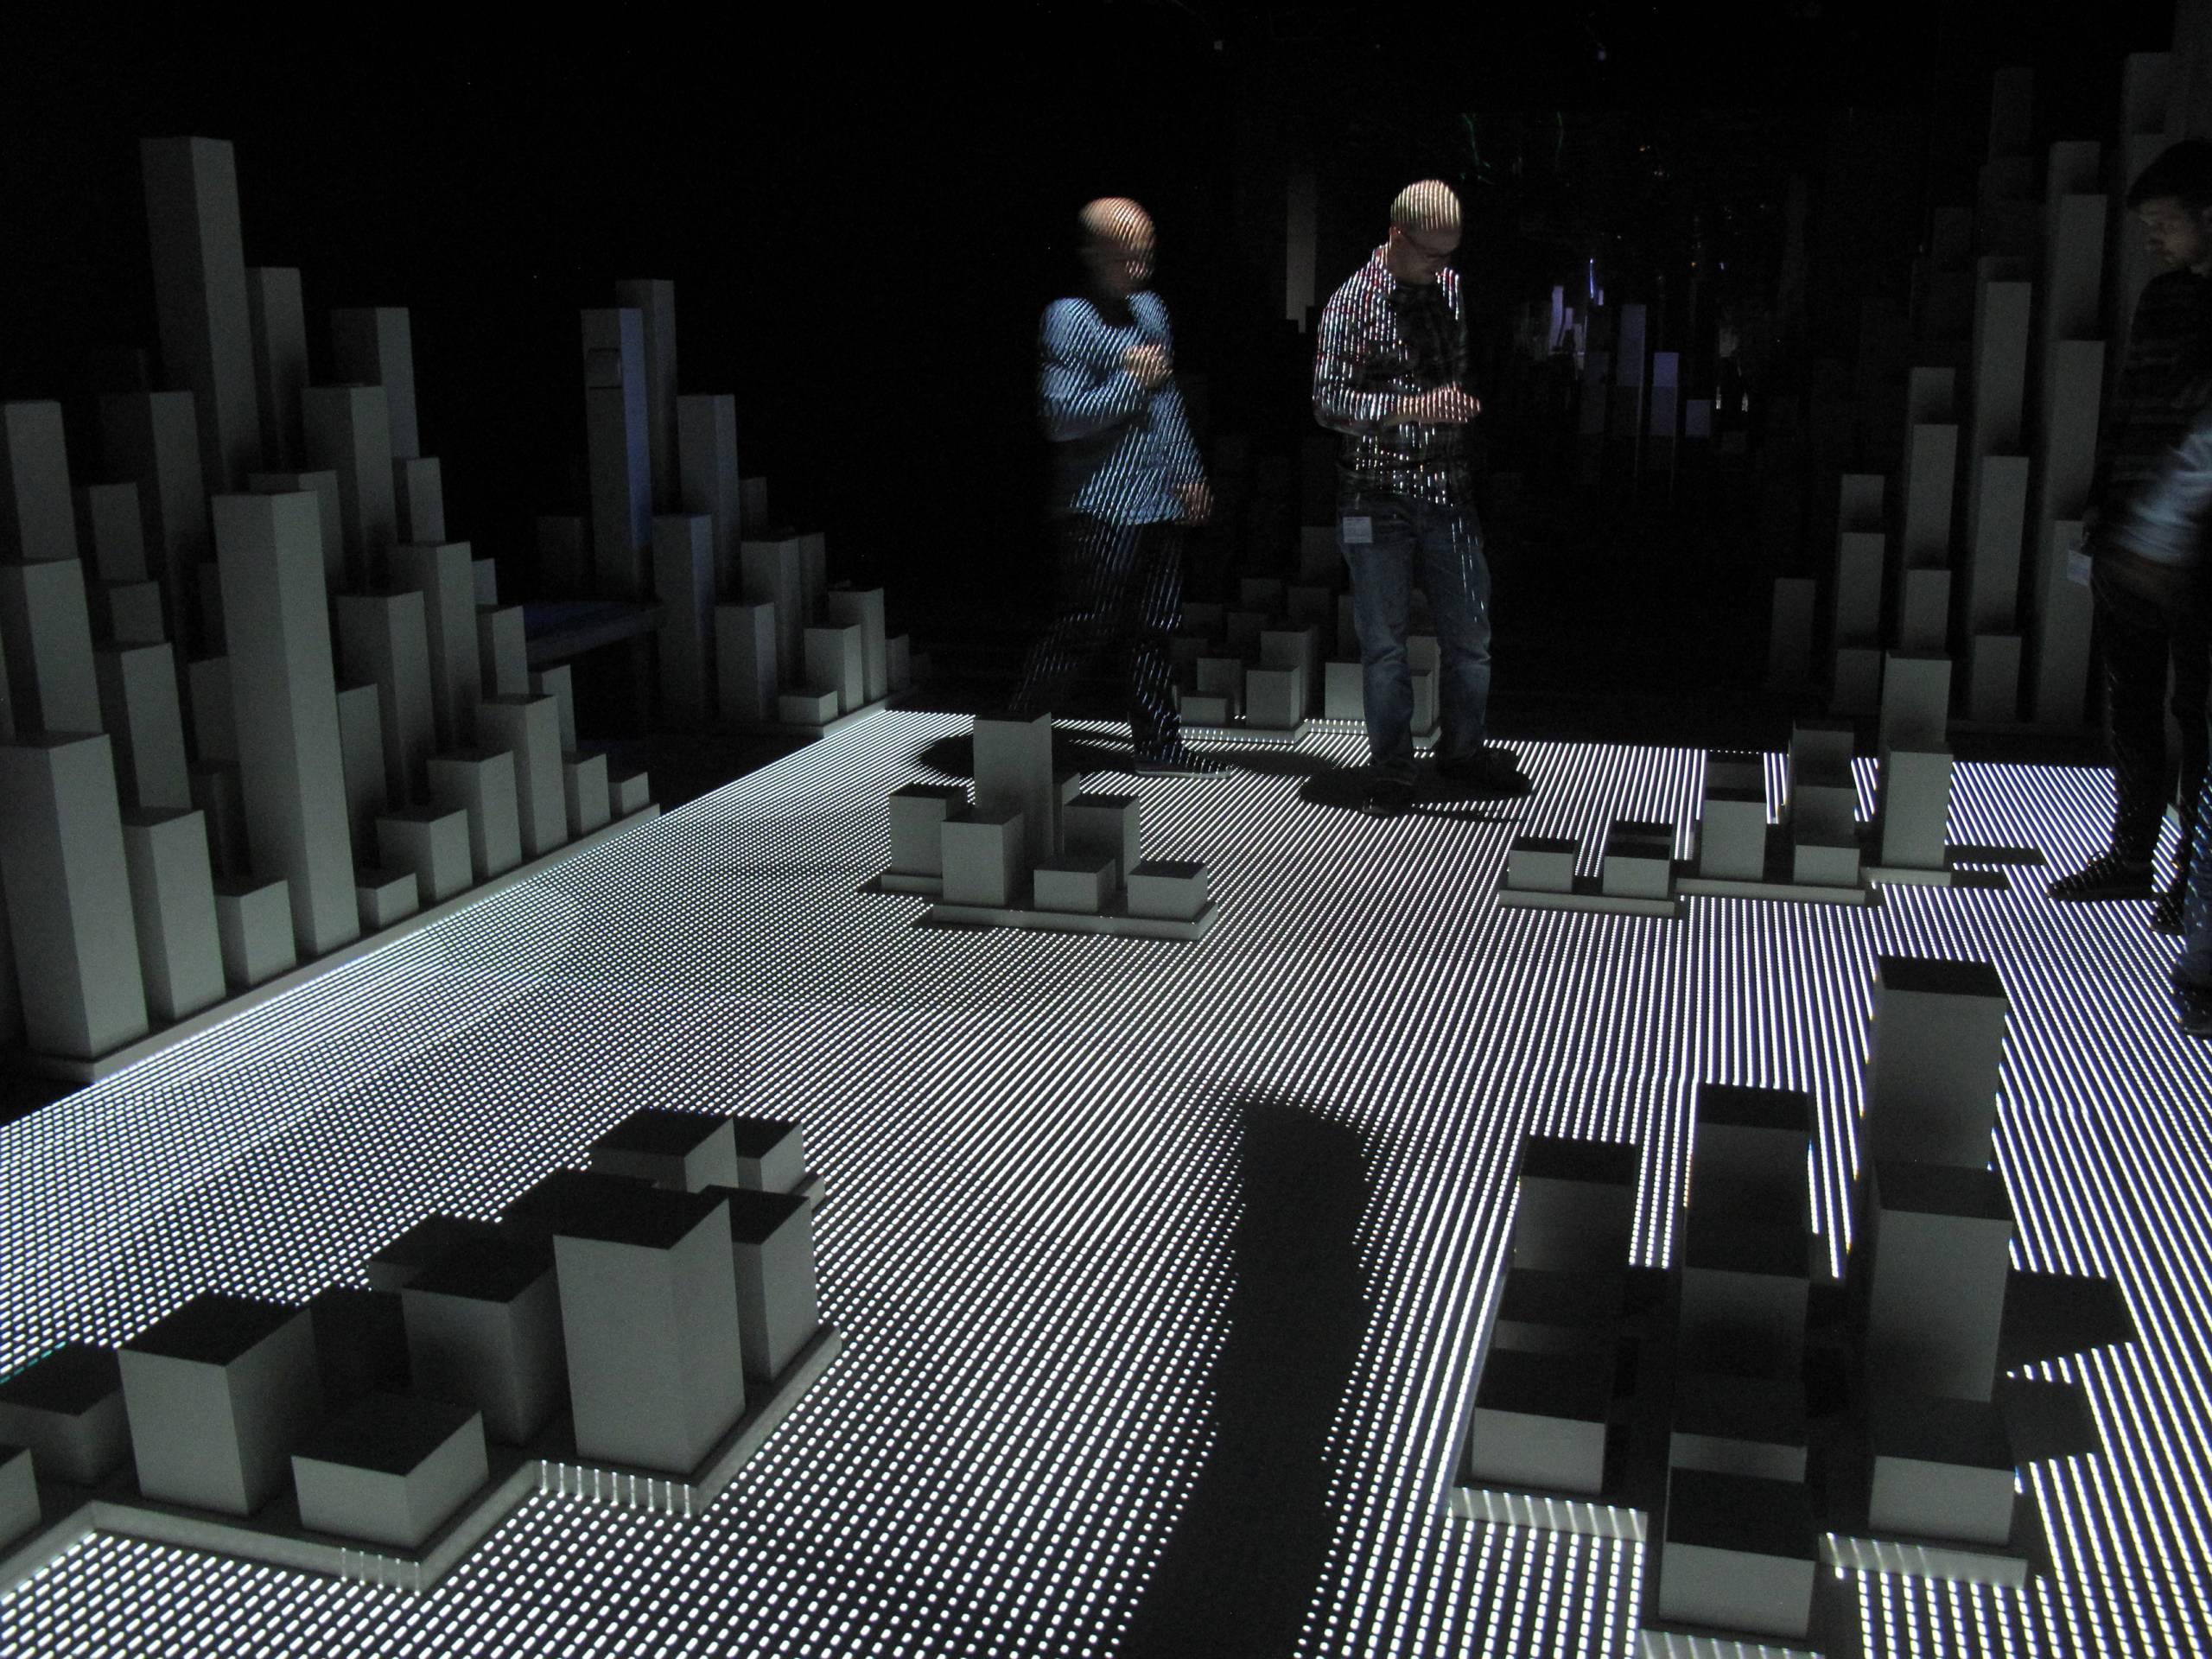 immersive installation of white sculptural columns in a dark room